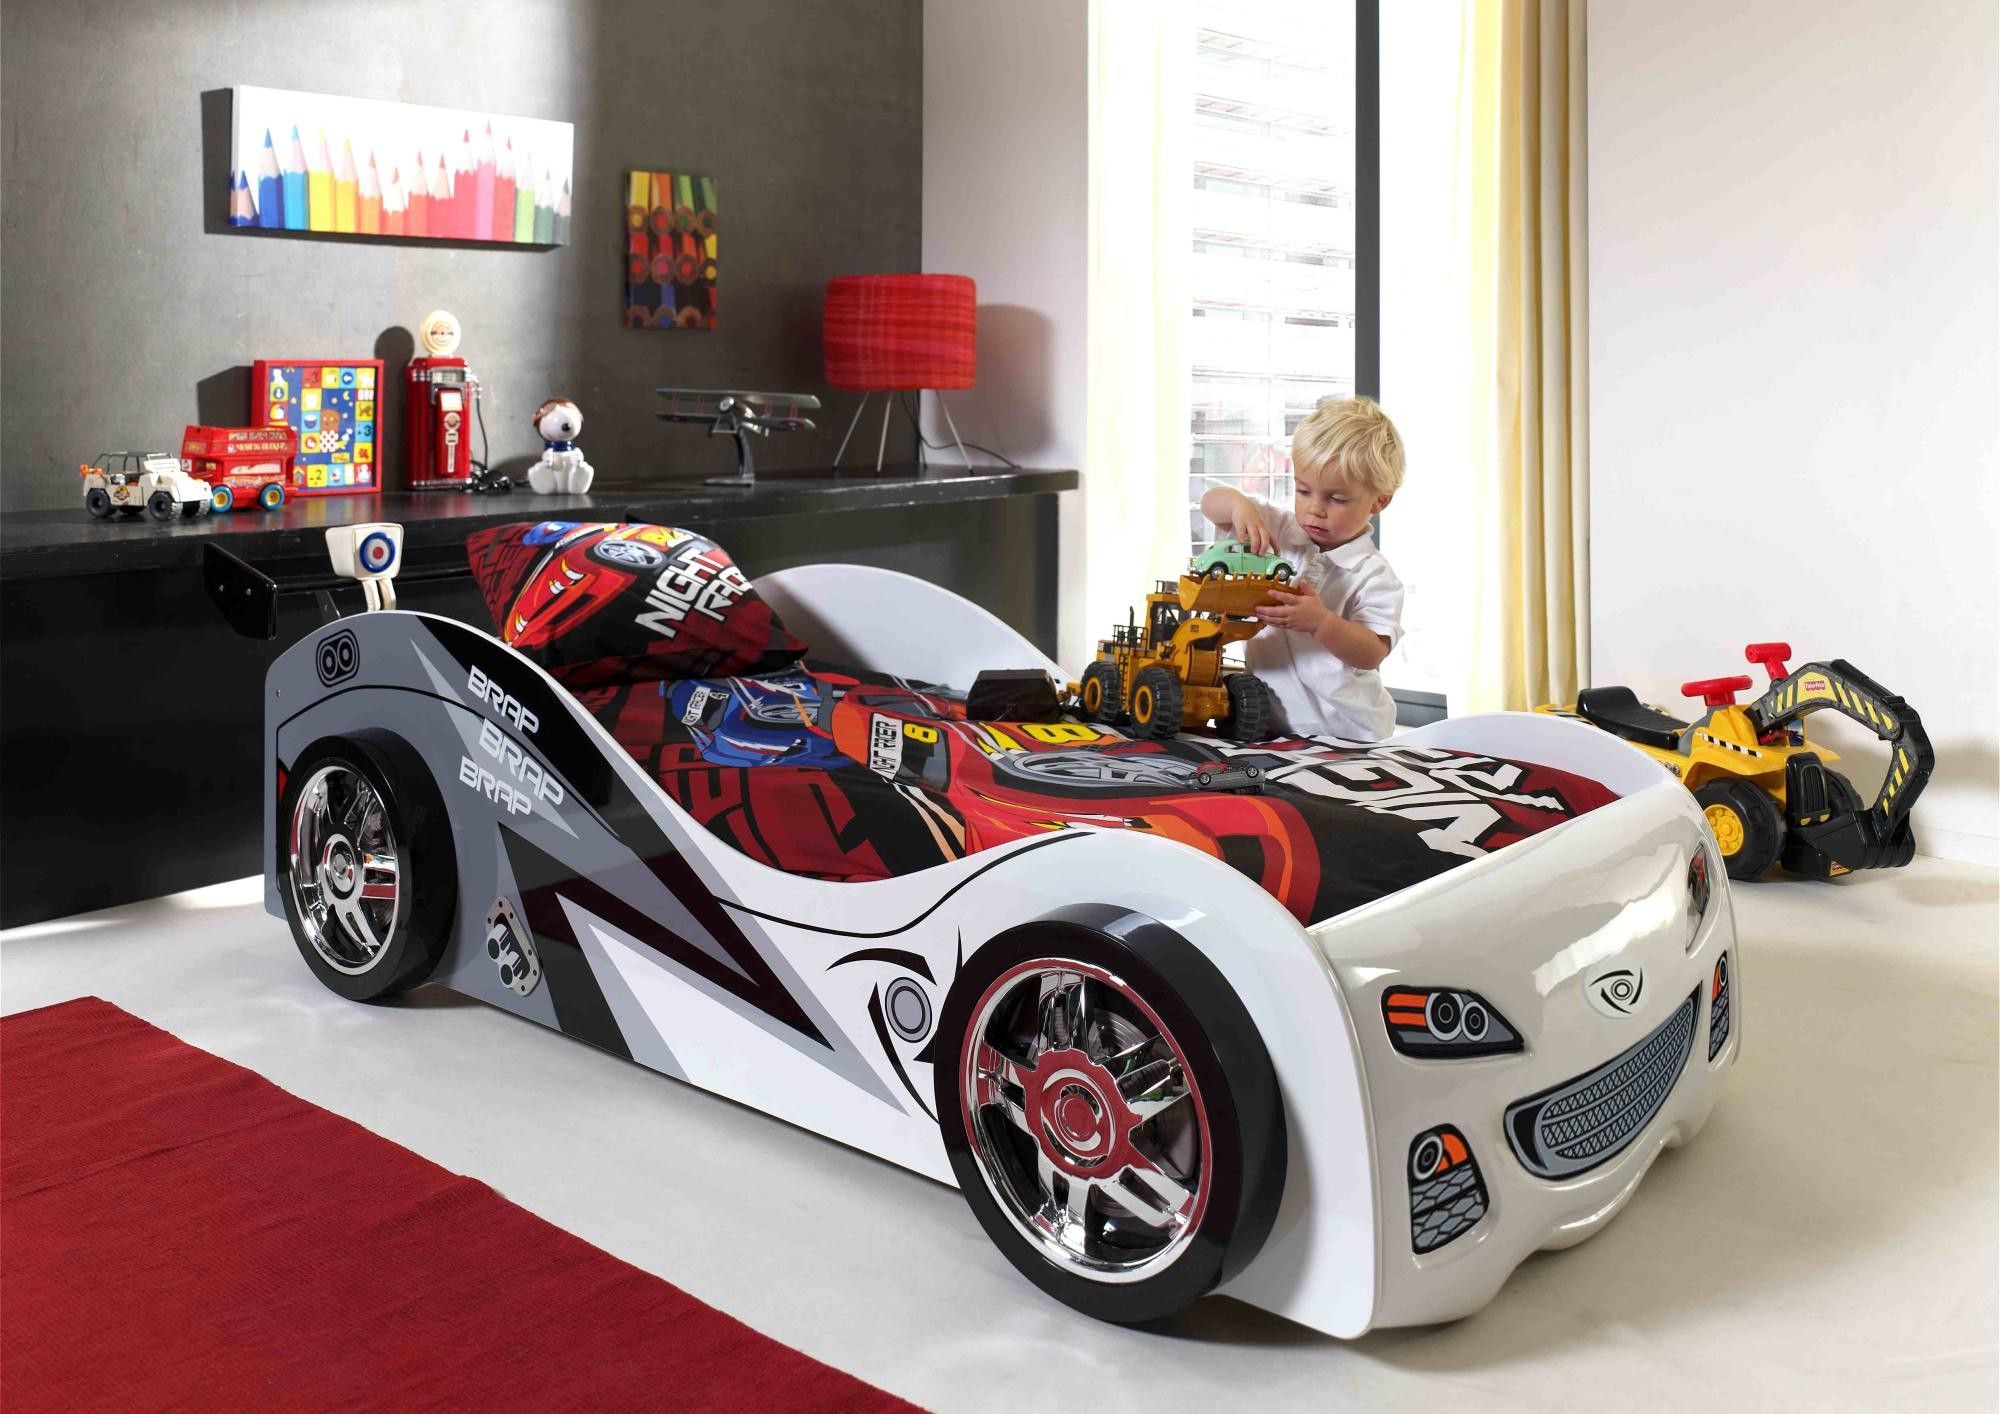 Lit enfant voiture coloris blanc Pole Position | Lit enfant ...